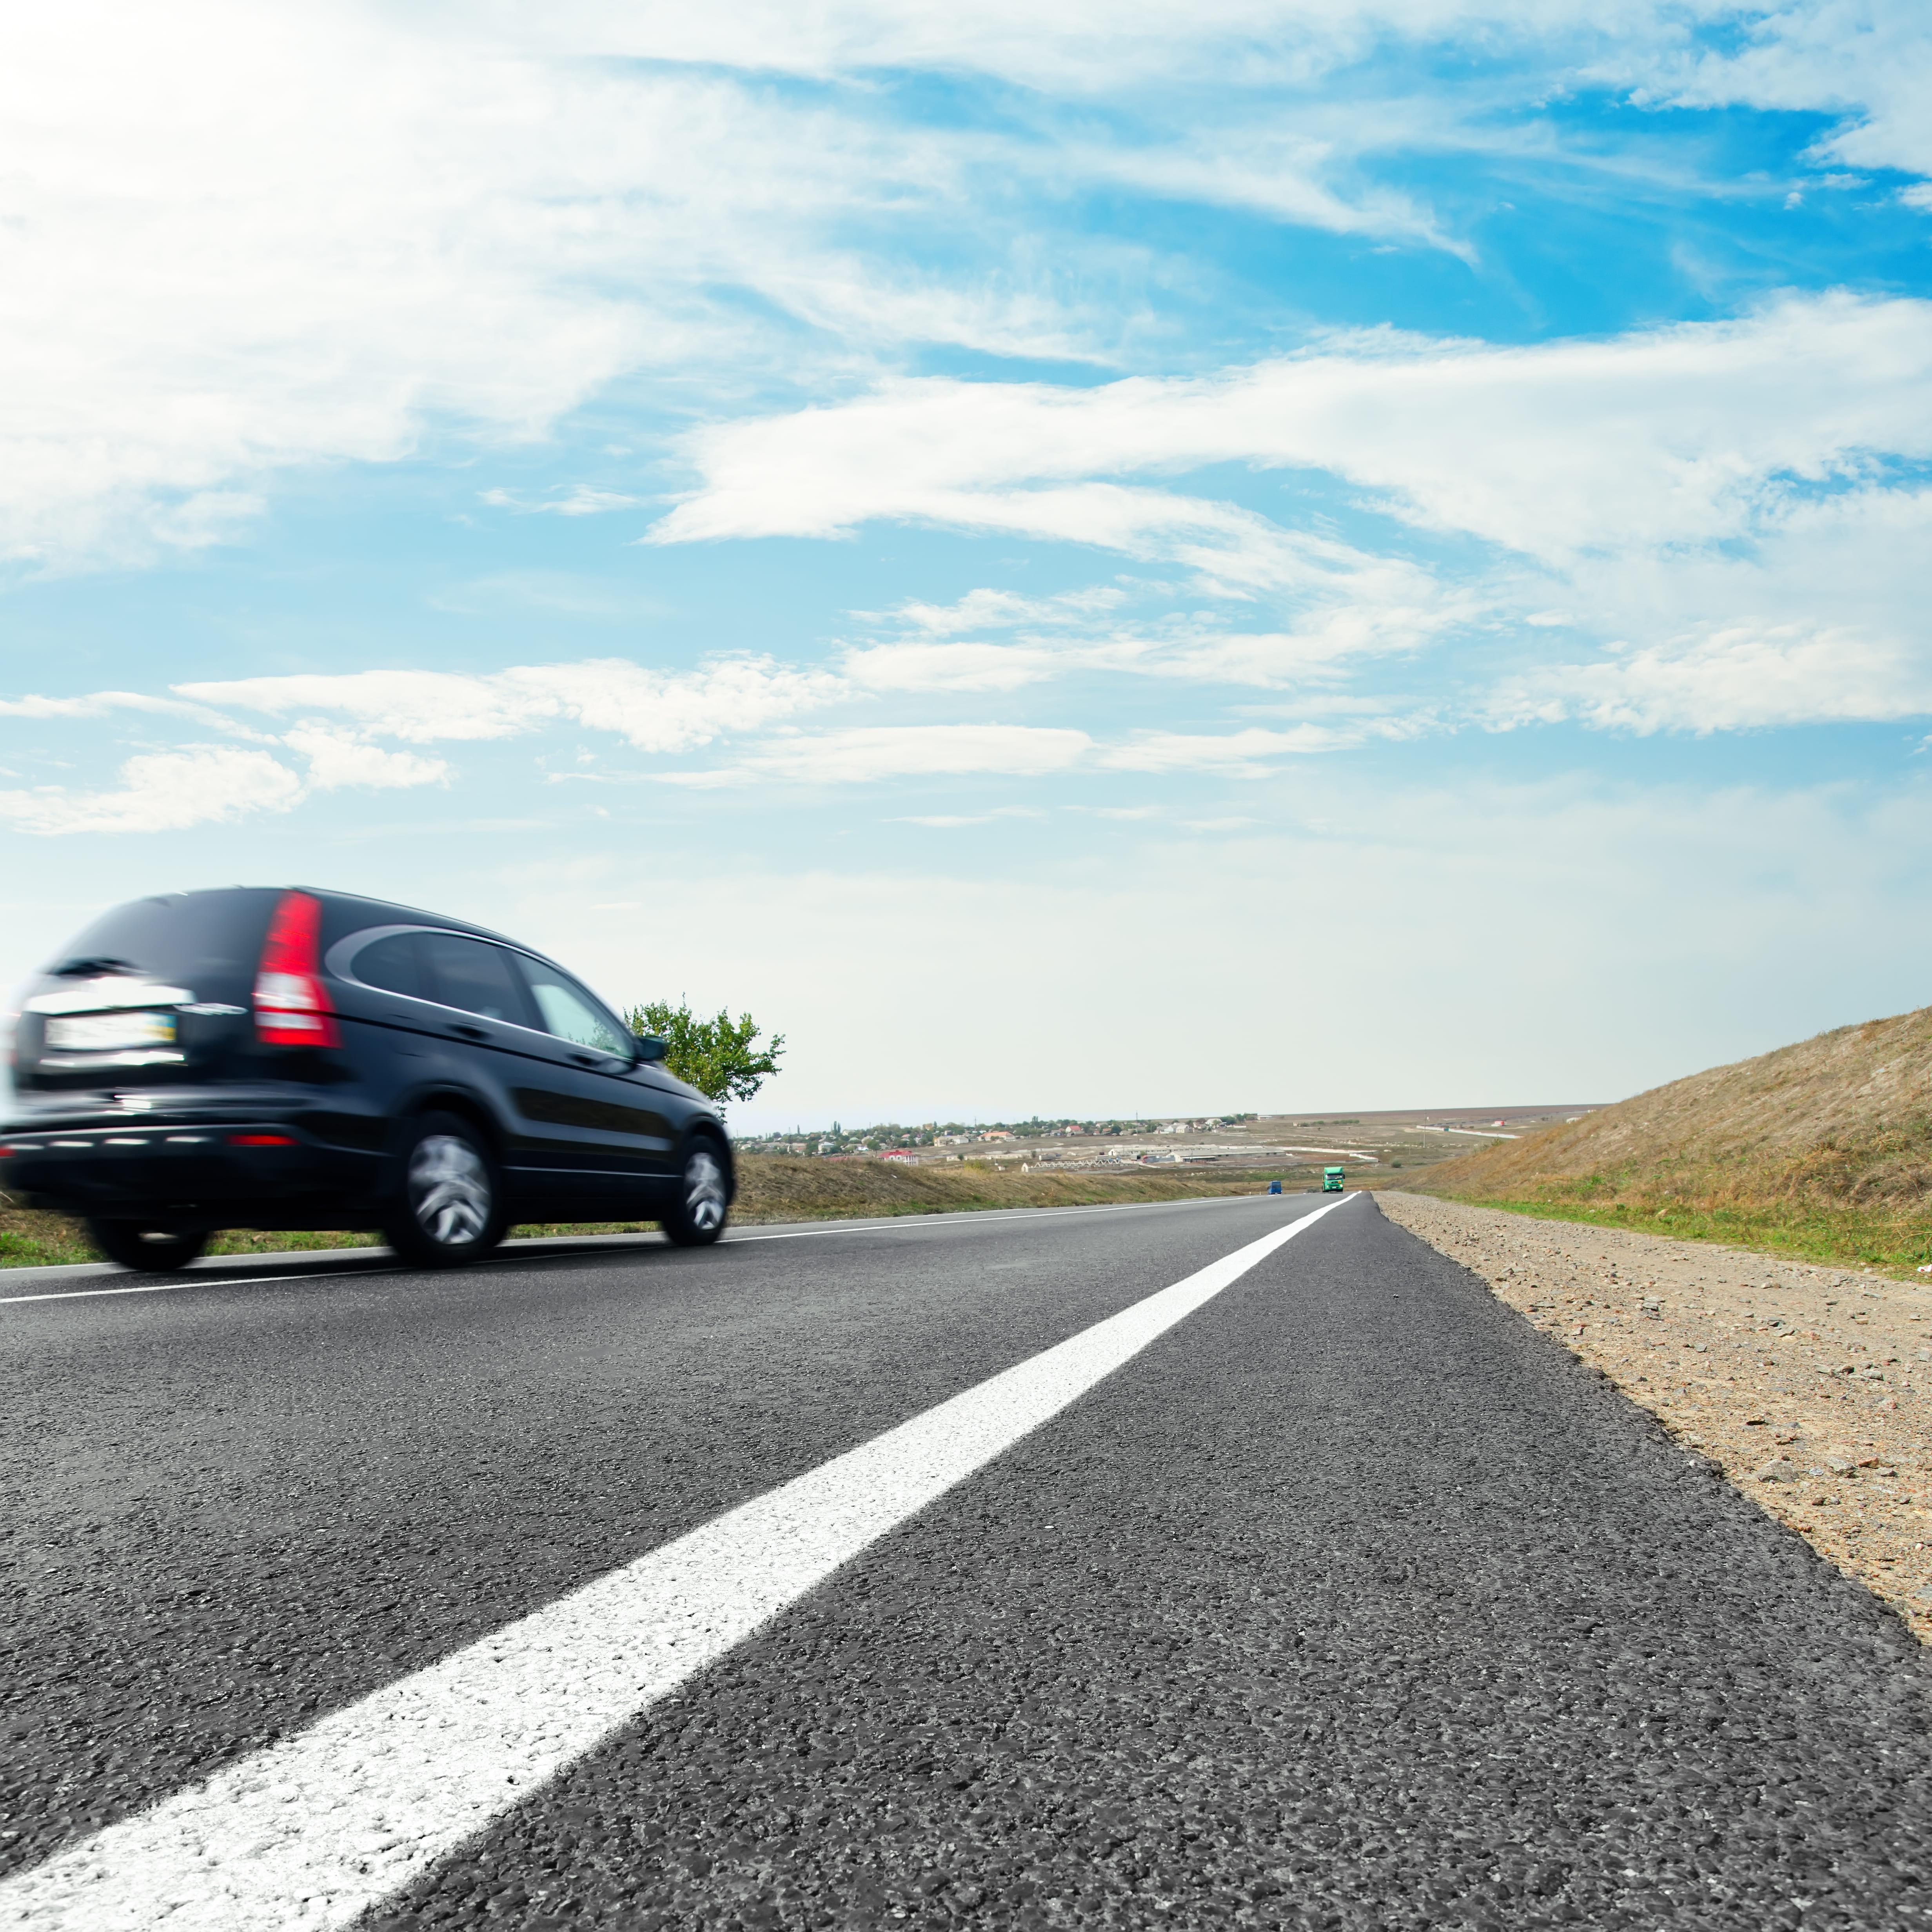 「インプレッサ」の中古車を自社ローンで購入した方の車両価格相場と口コミ(体験談)